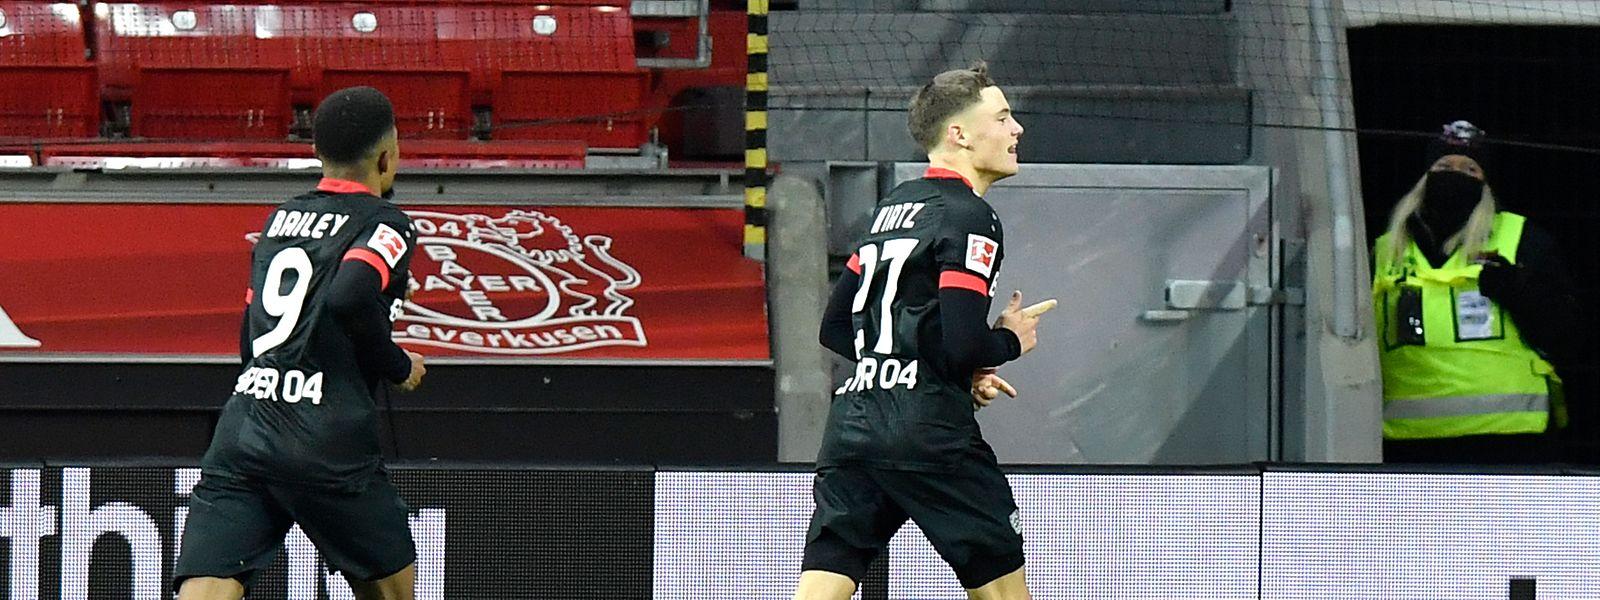 Der 17-jährige Florian Wirtz erzielt den Siegtreffer für Leverkusen.